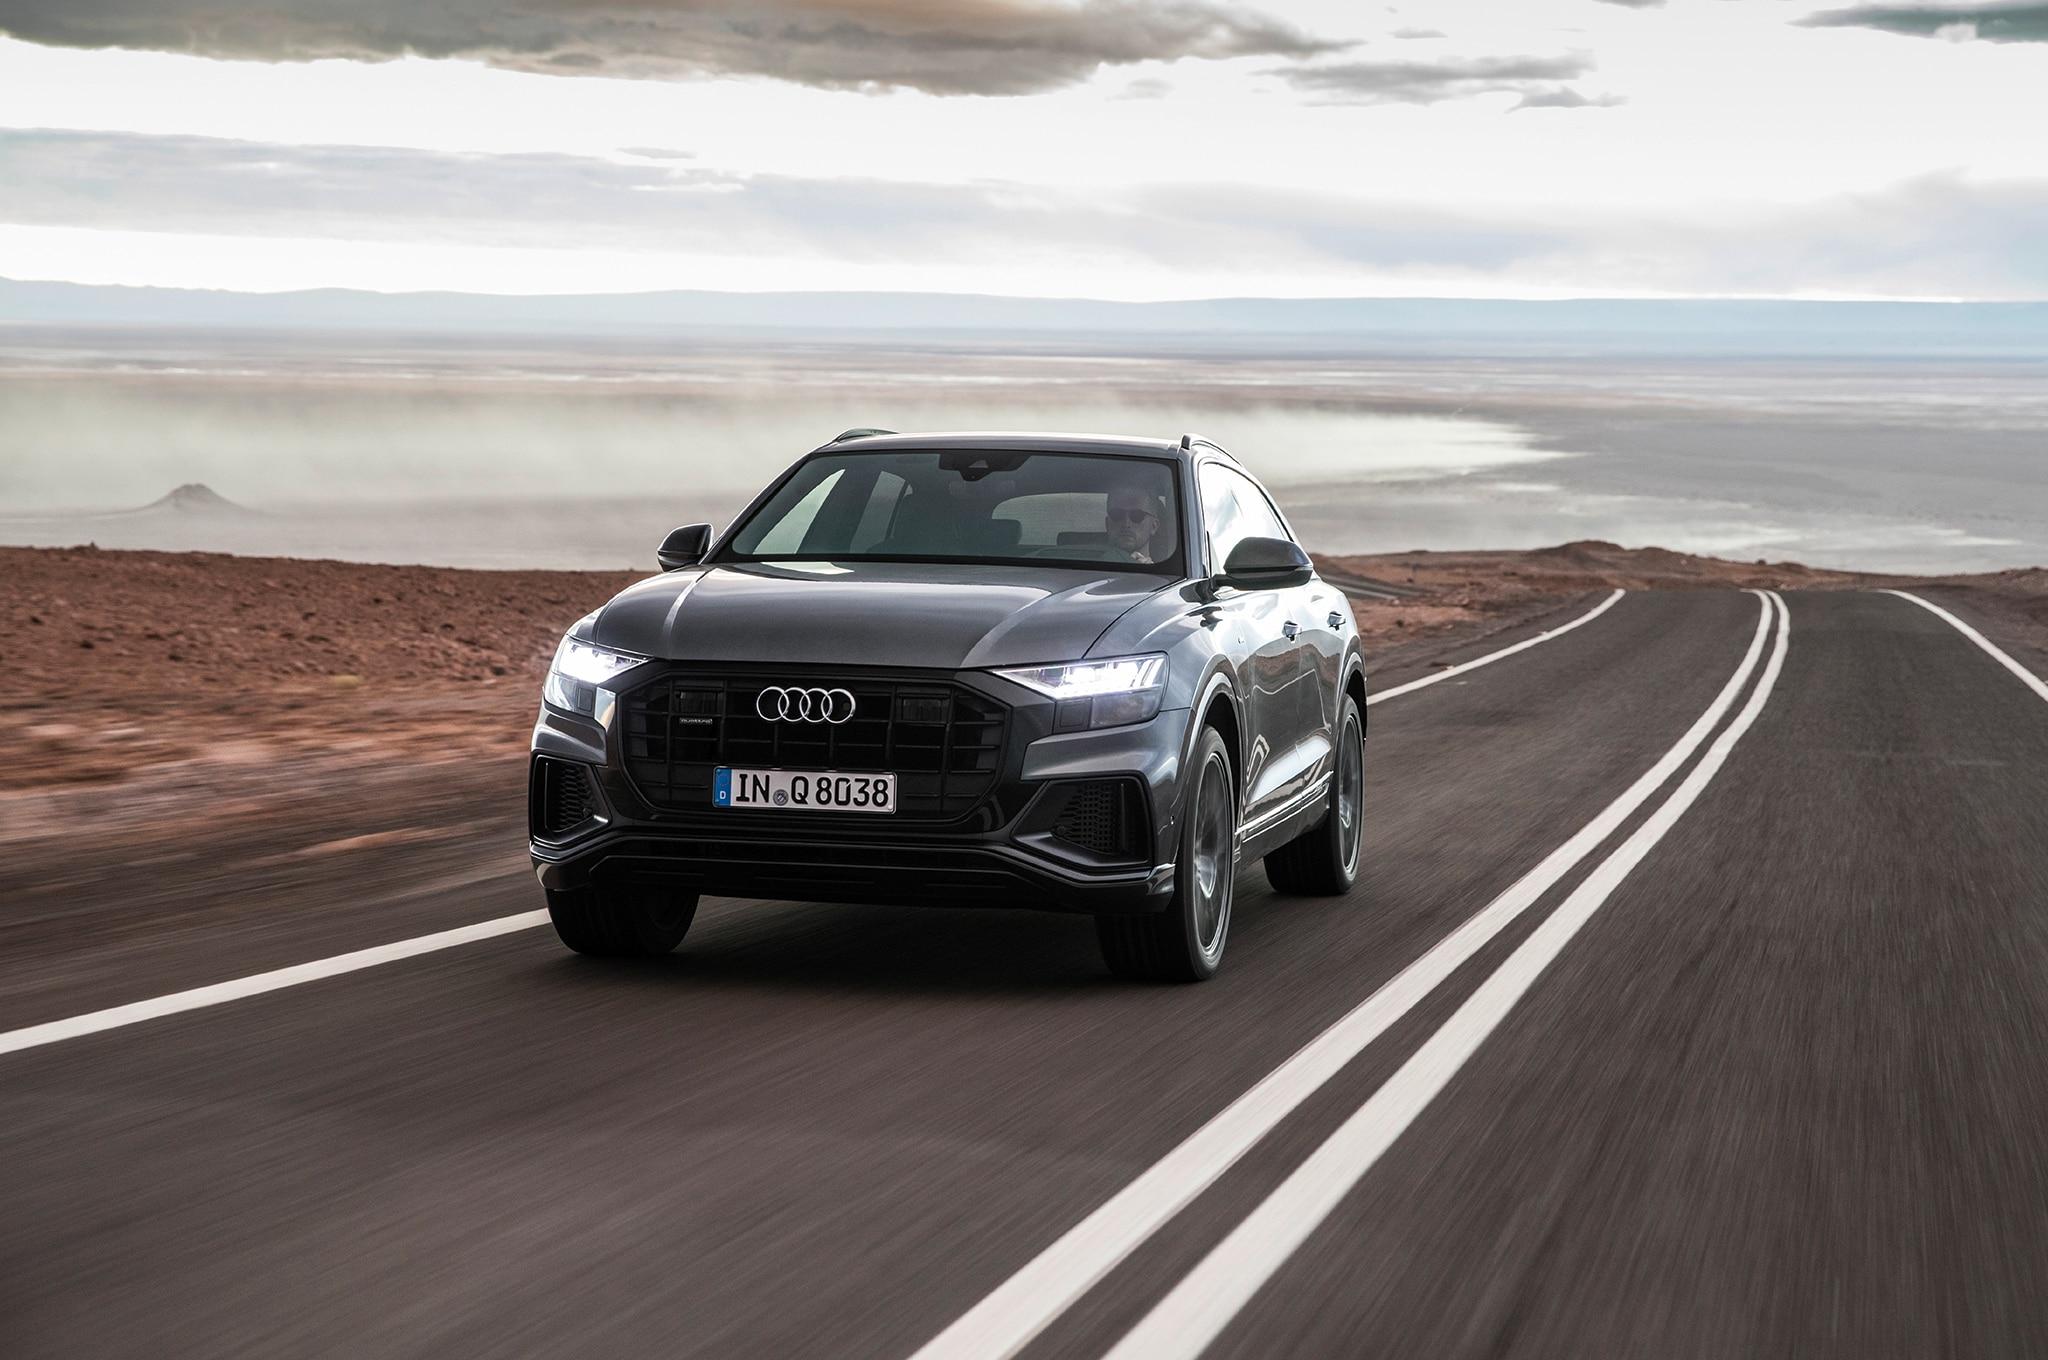 2019 Audi Q8 Front Three Quarter In Motion 00